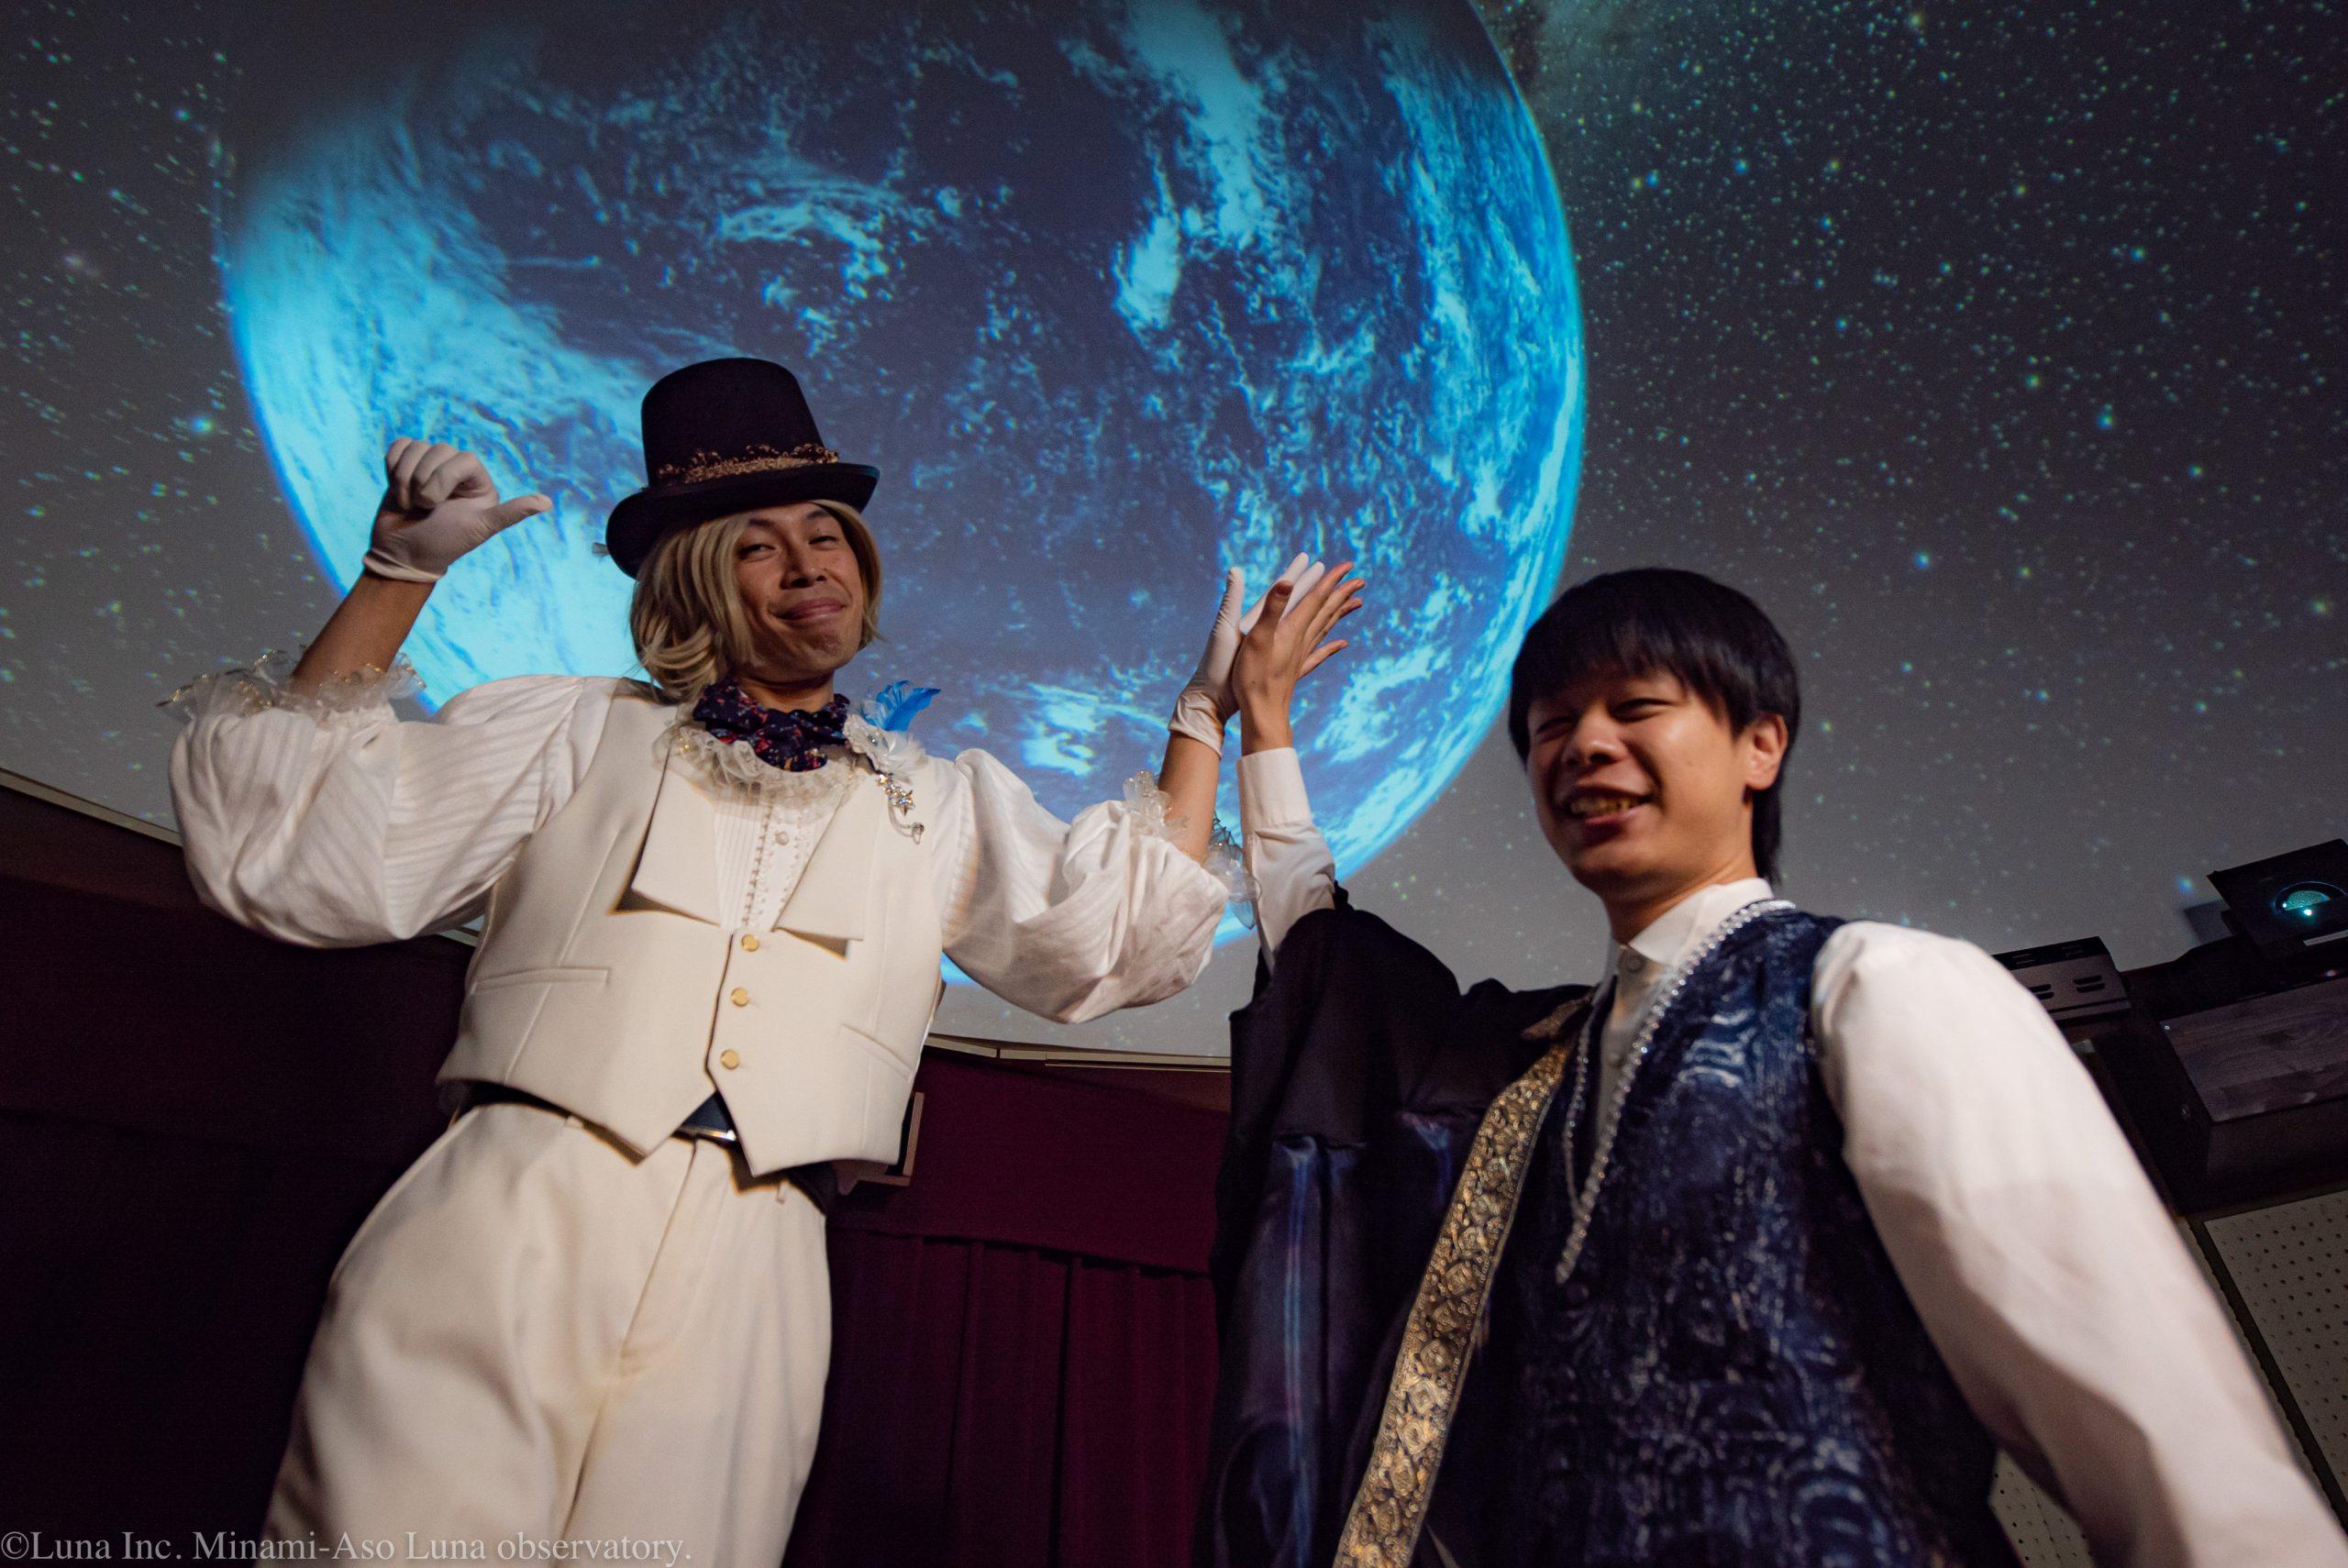 ソノッキー、無事地球に帰還しました!!